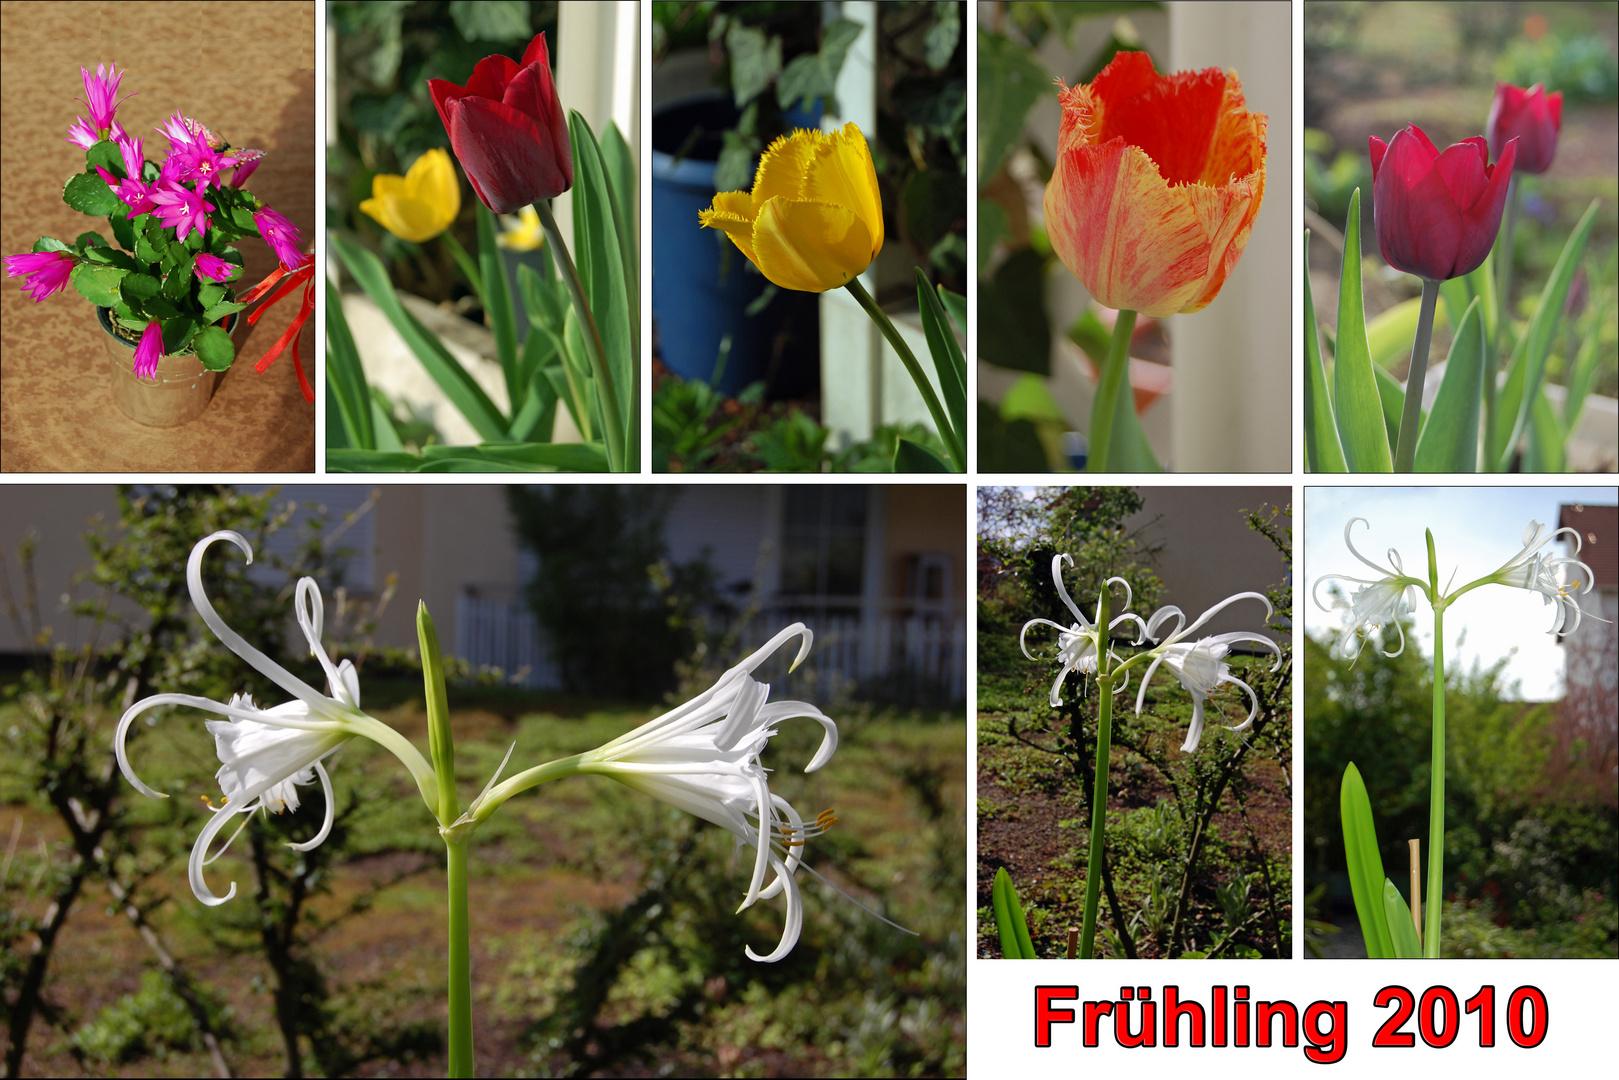 Frühling 2010 - die Dritte